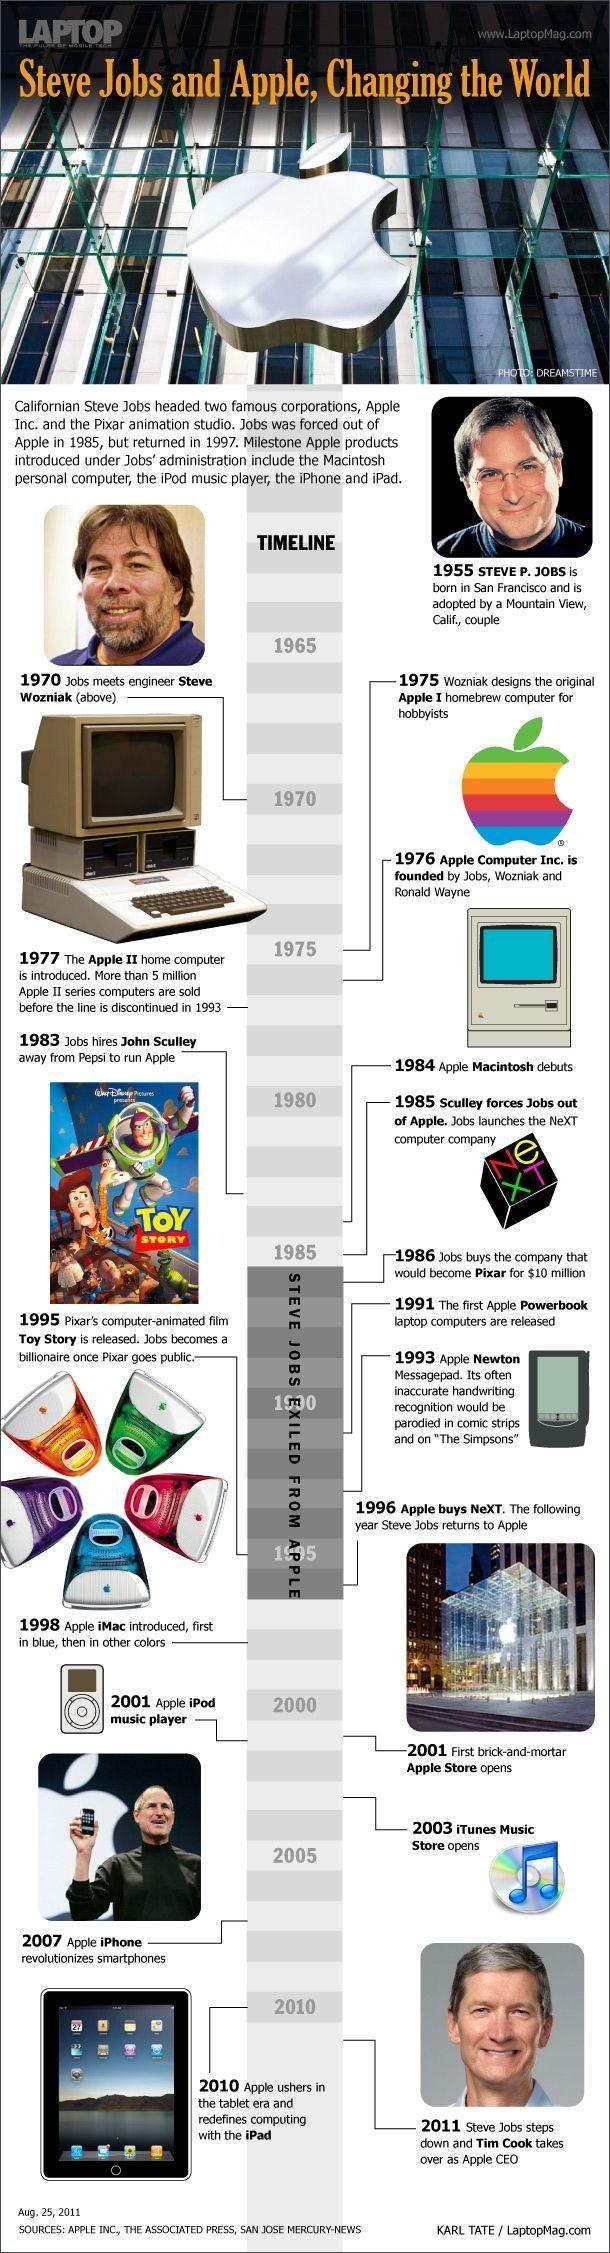 Steve Jobs and Apple